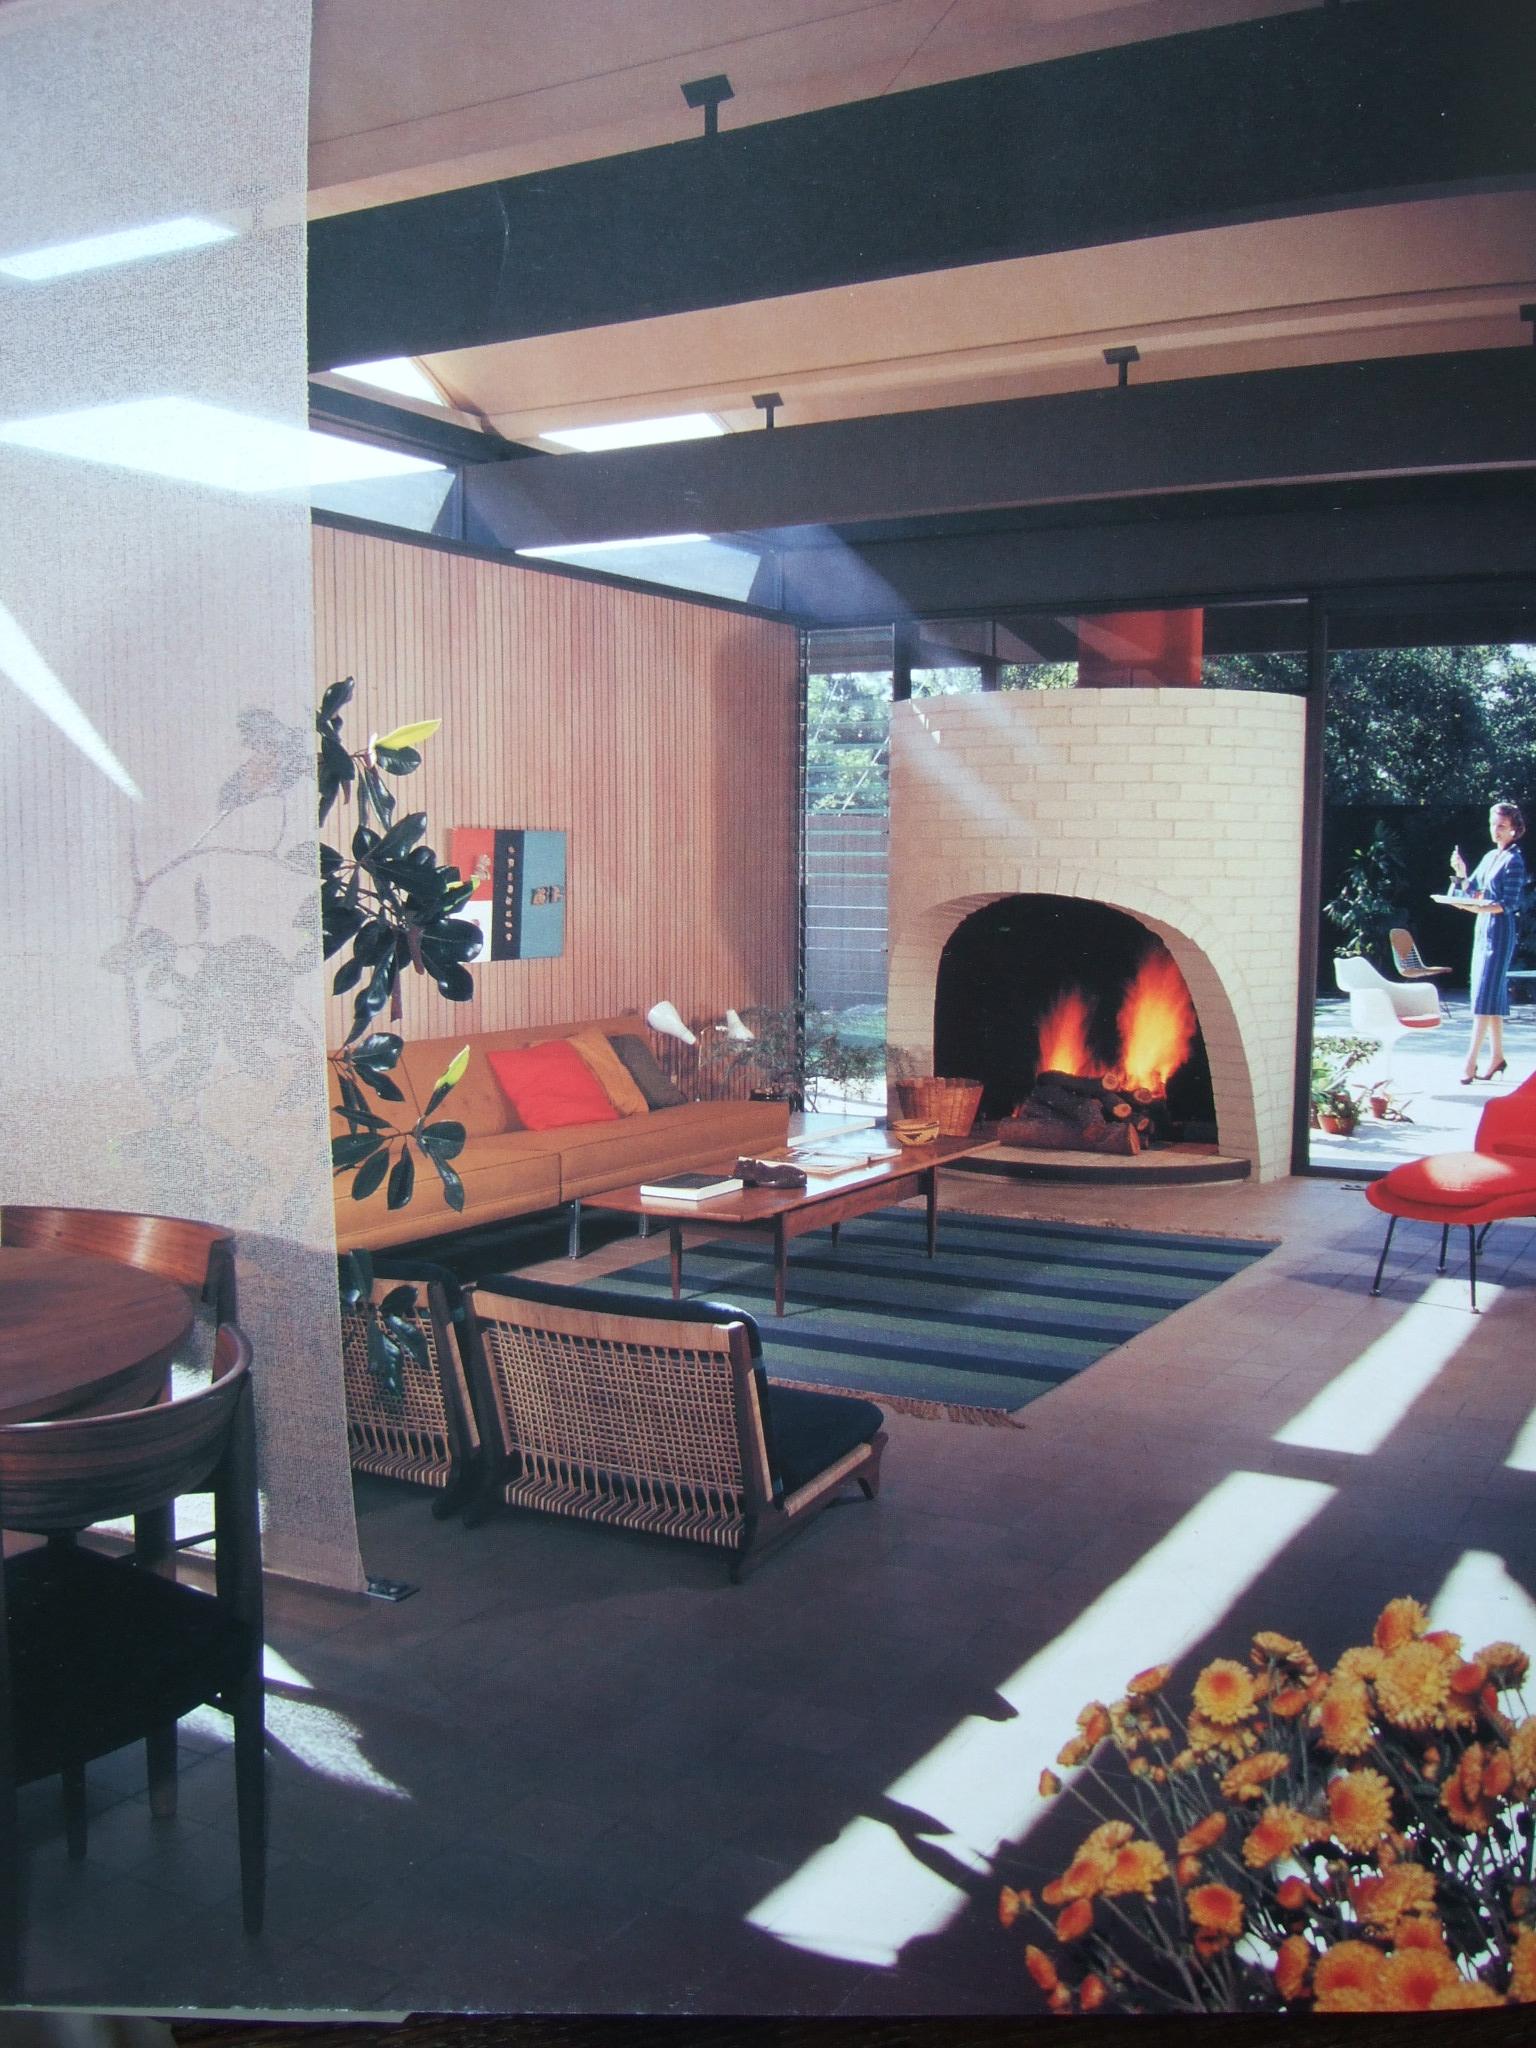 Ghastly Good Taste - A century of British interior design 1880 - 1980